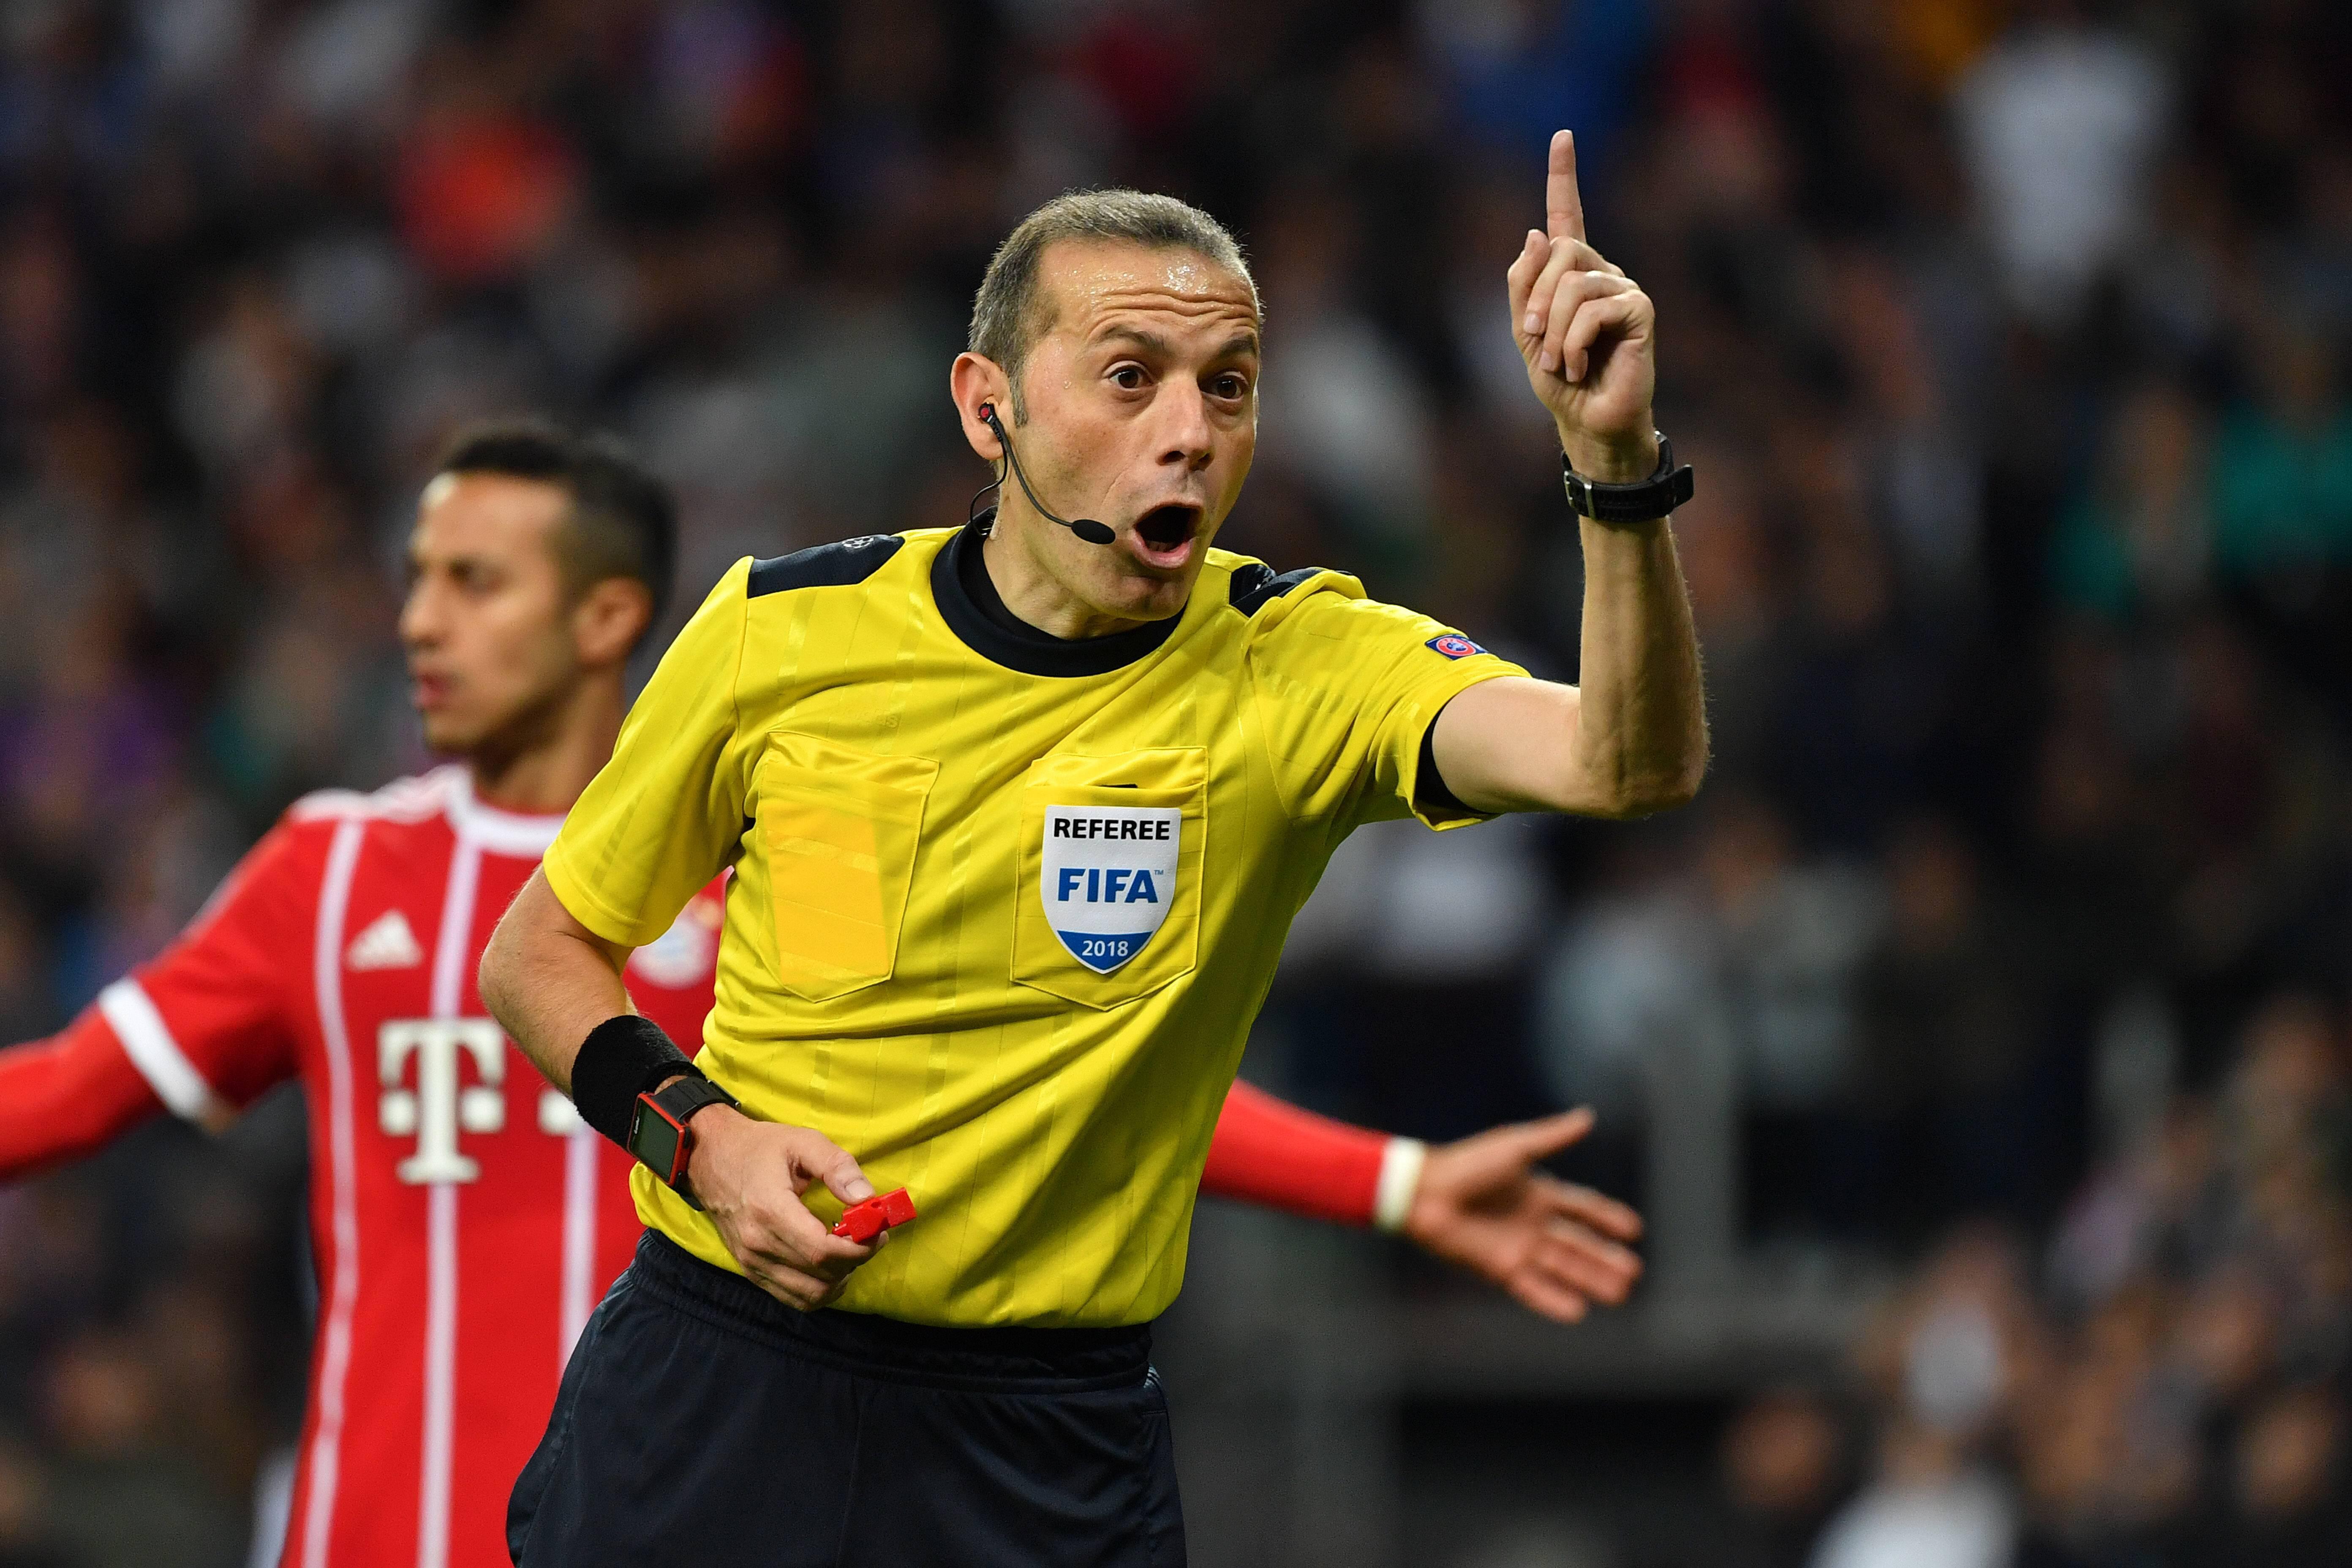 Bild zu Videoschiedsrichter, Videobeweis, Fussball, Champions League, Europa League